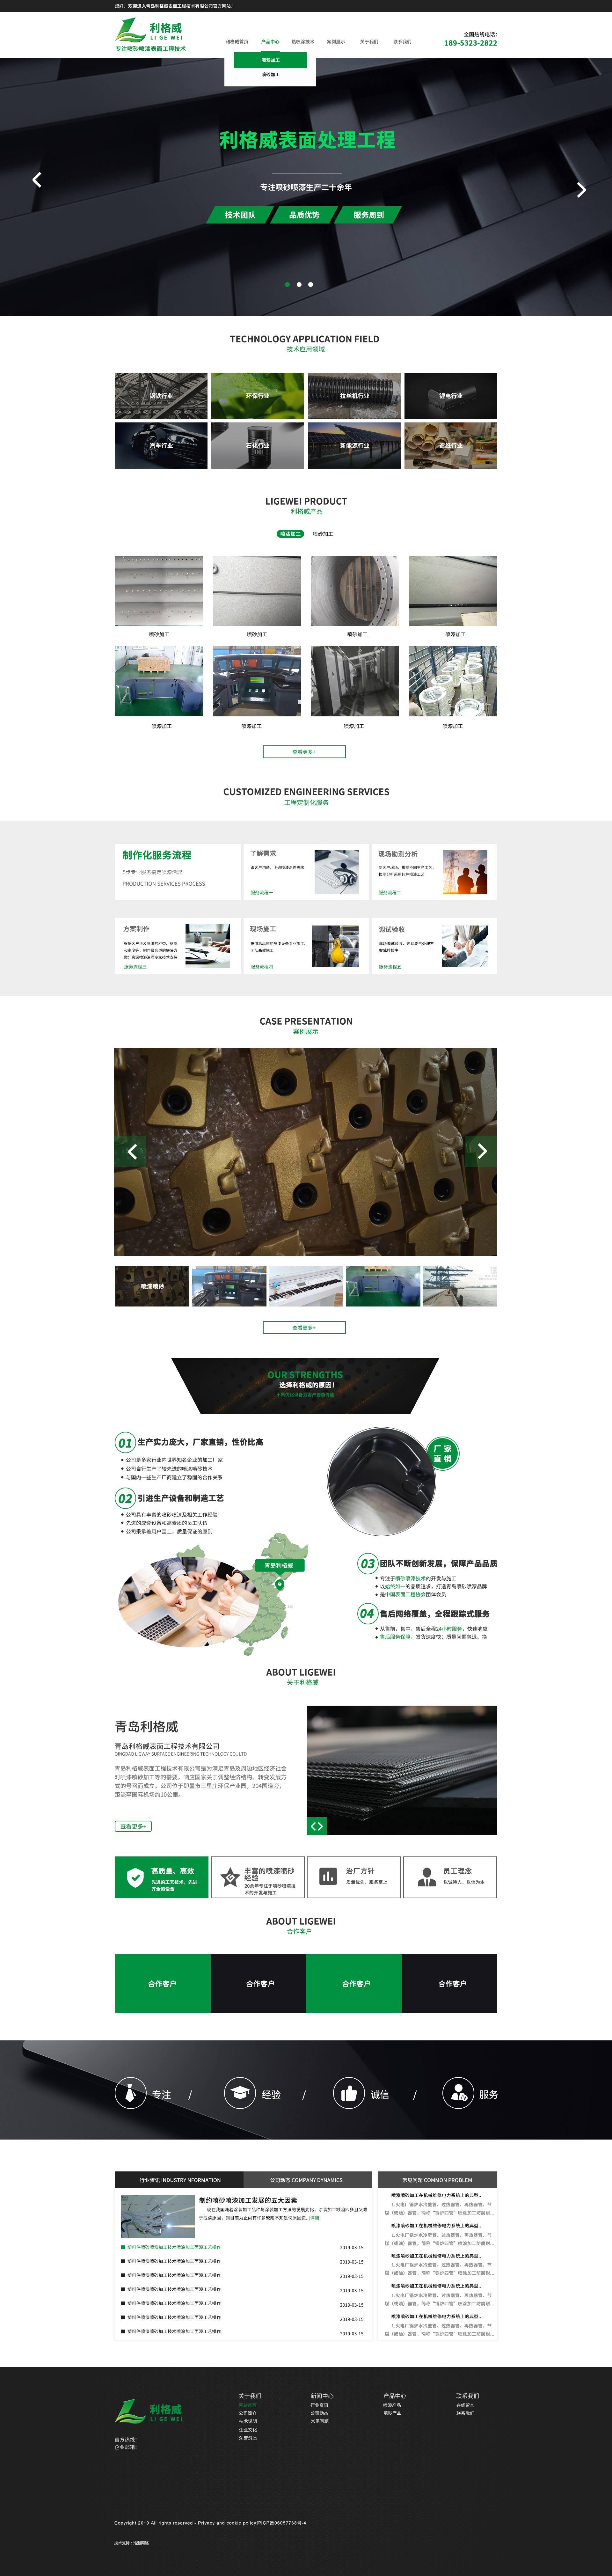 青岛网站推广优化